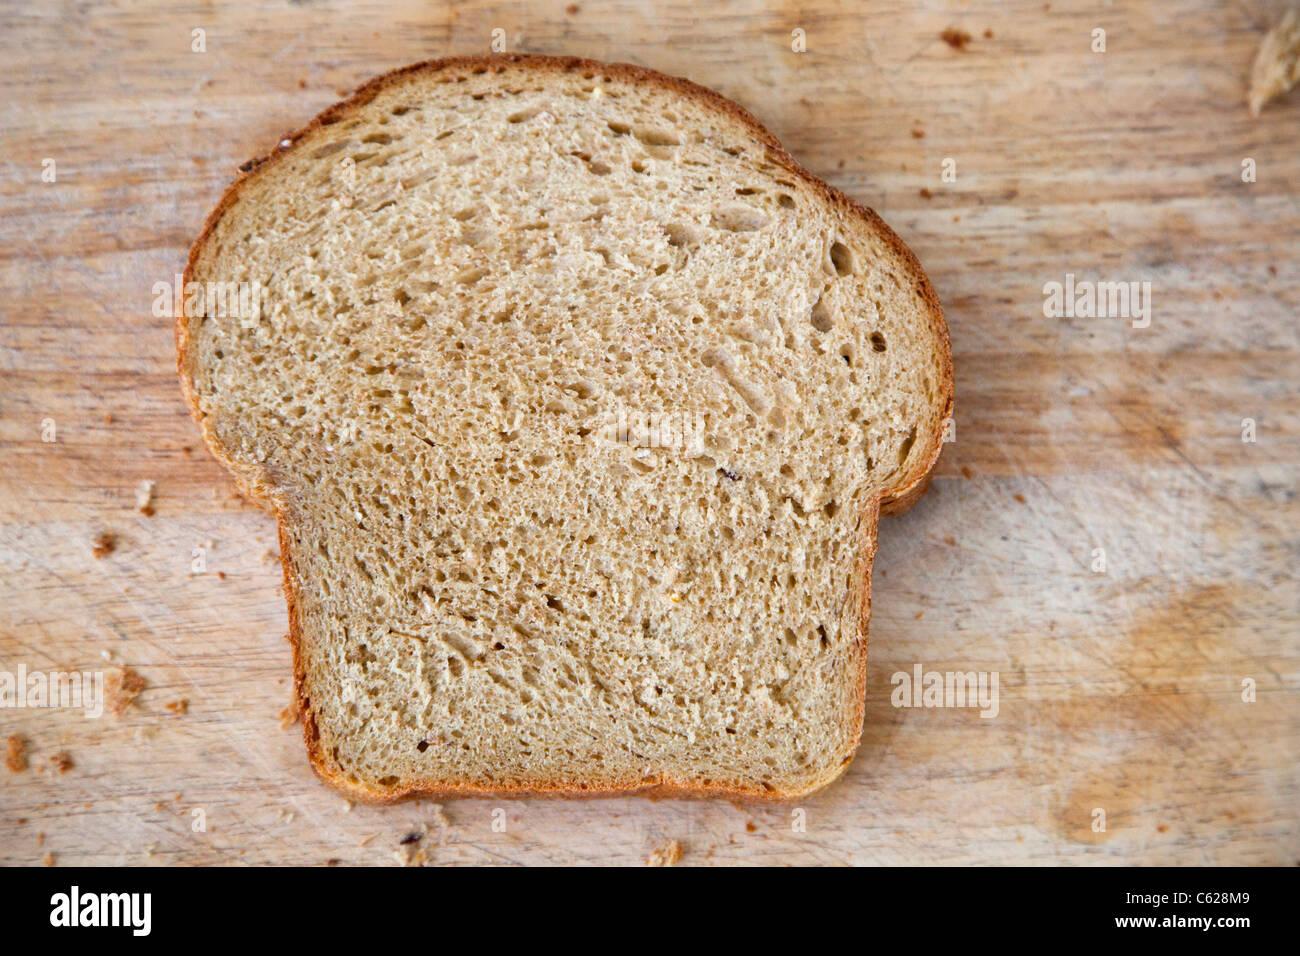 Tranche de pain fait maison Photo Stock